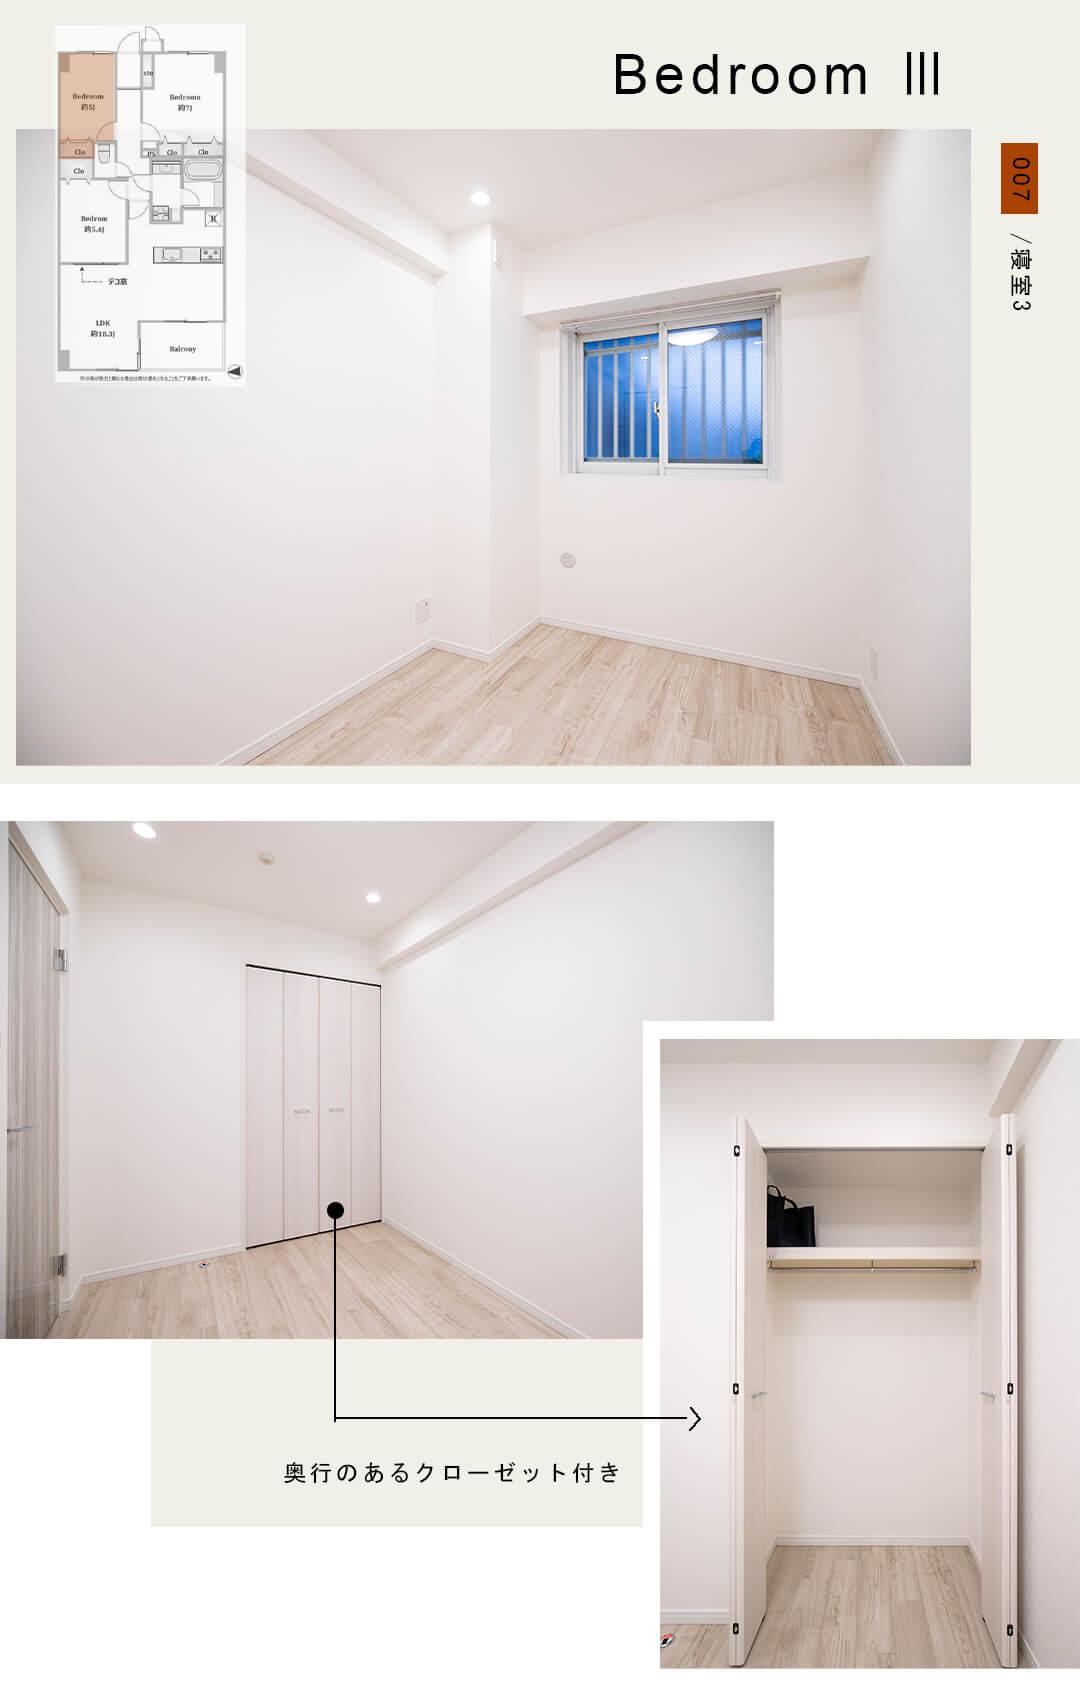 007寝室3,Room Ⅲ